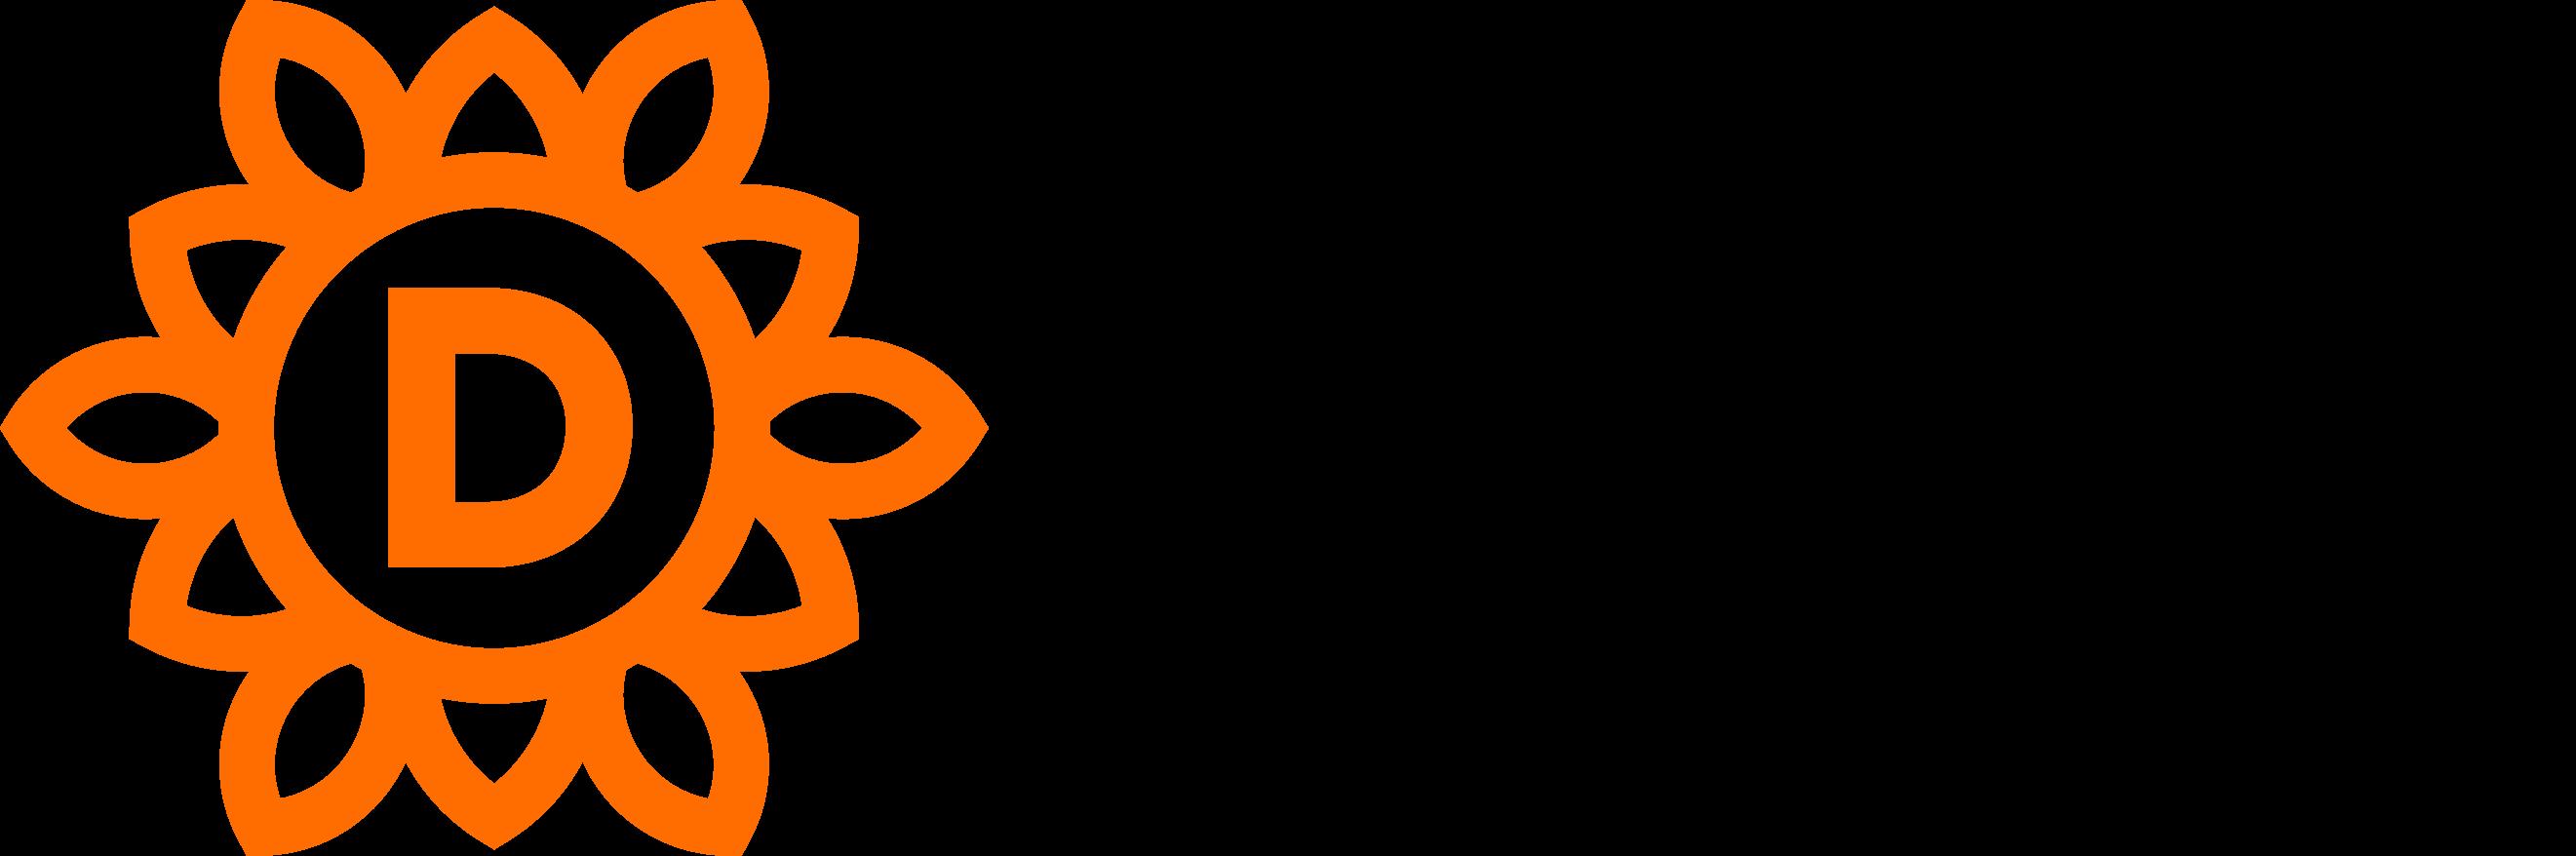 Donker Groep-logo